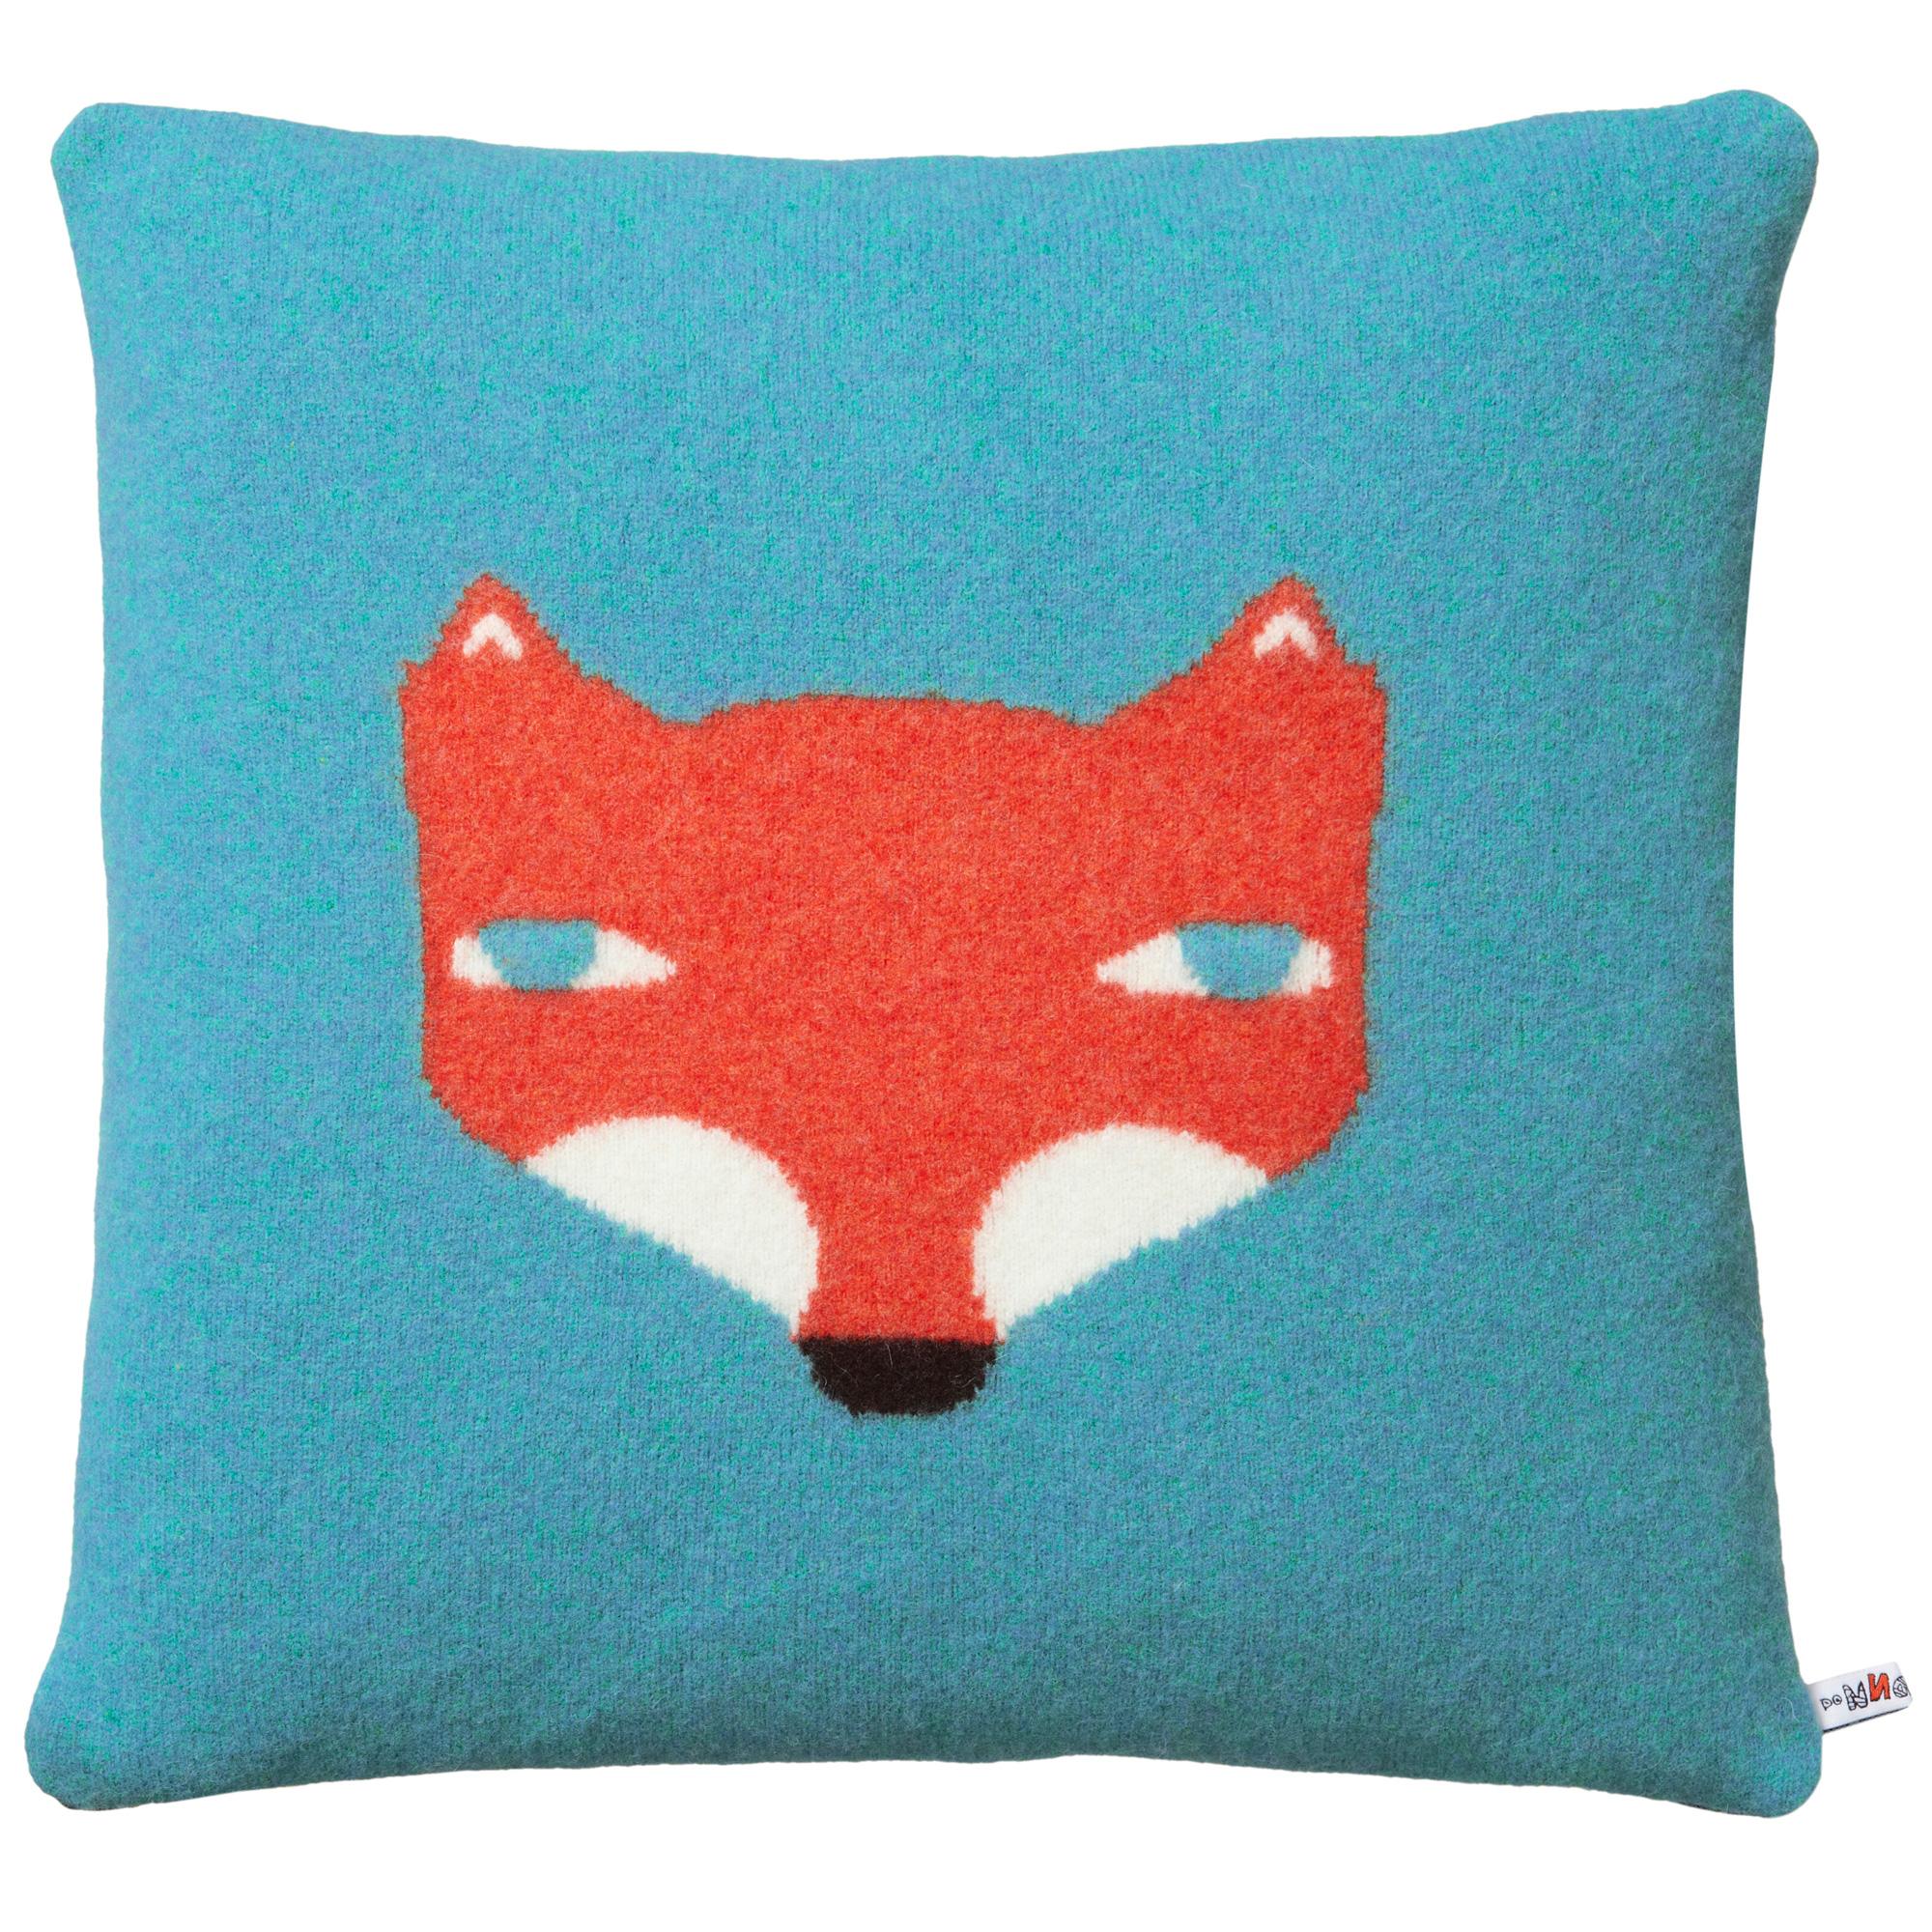 Donna Wilson Fox Cushion Blue